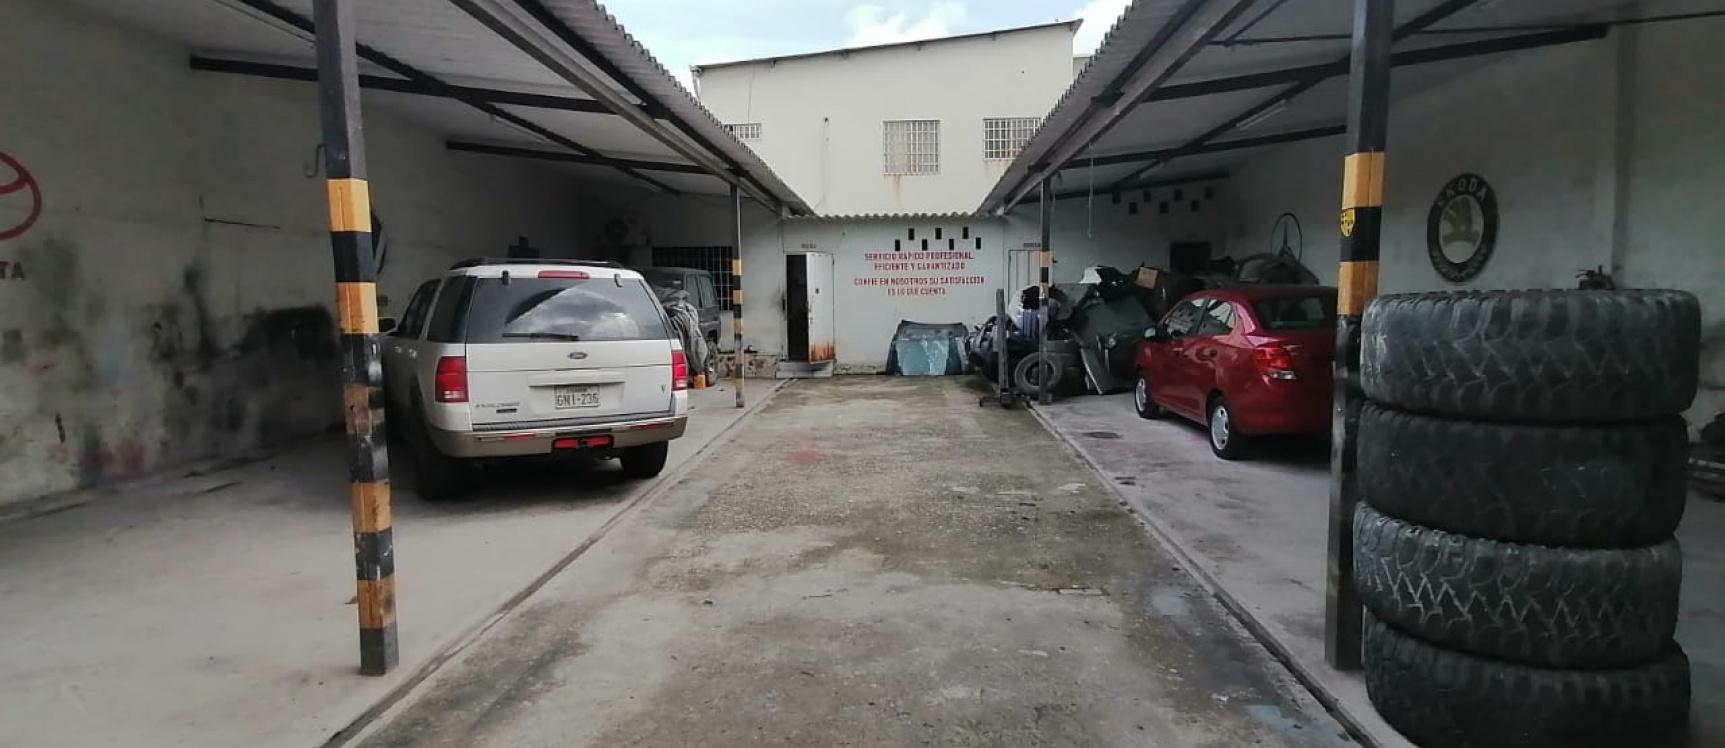 GeoBienes - Terreno en venta ubicado en Brisas, cdla comegua - Plusvalia Guayaquil Casas de venta y alquiler Inmobiliaria Ecuador